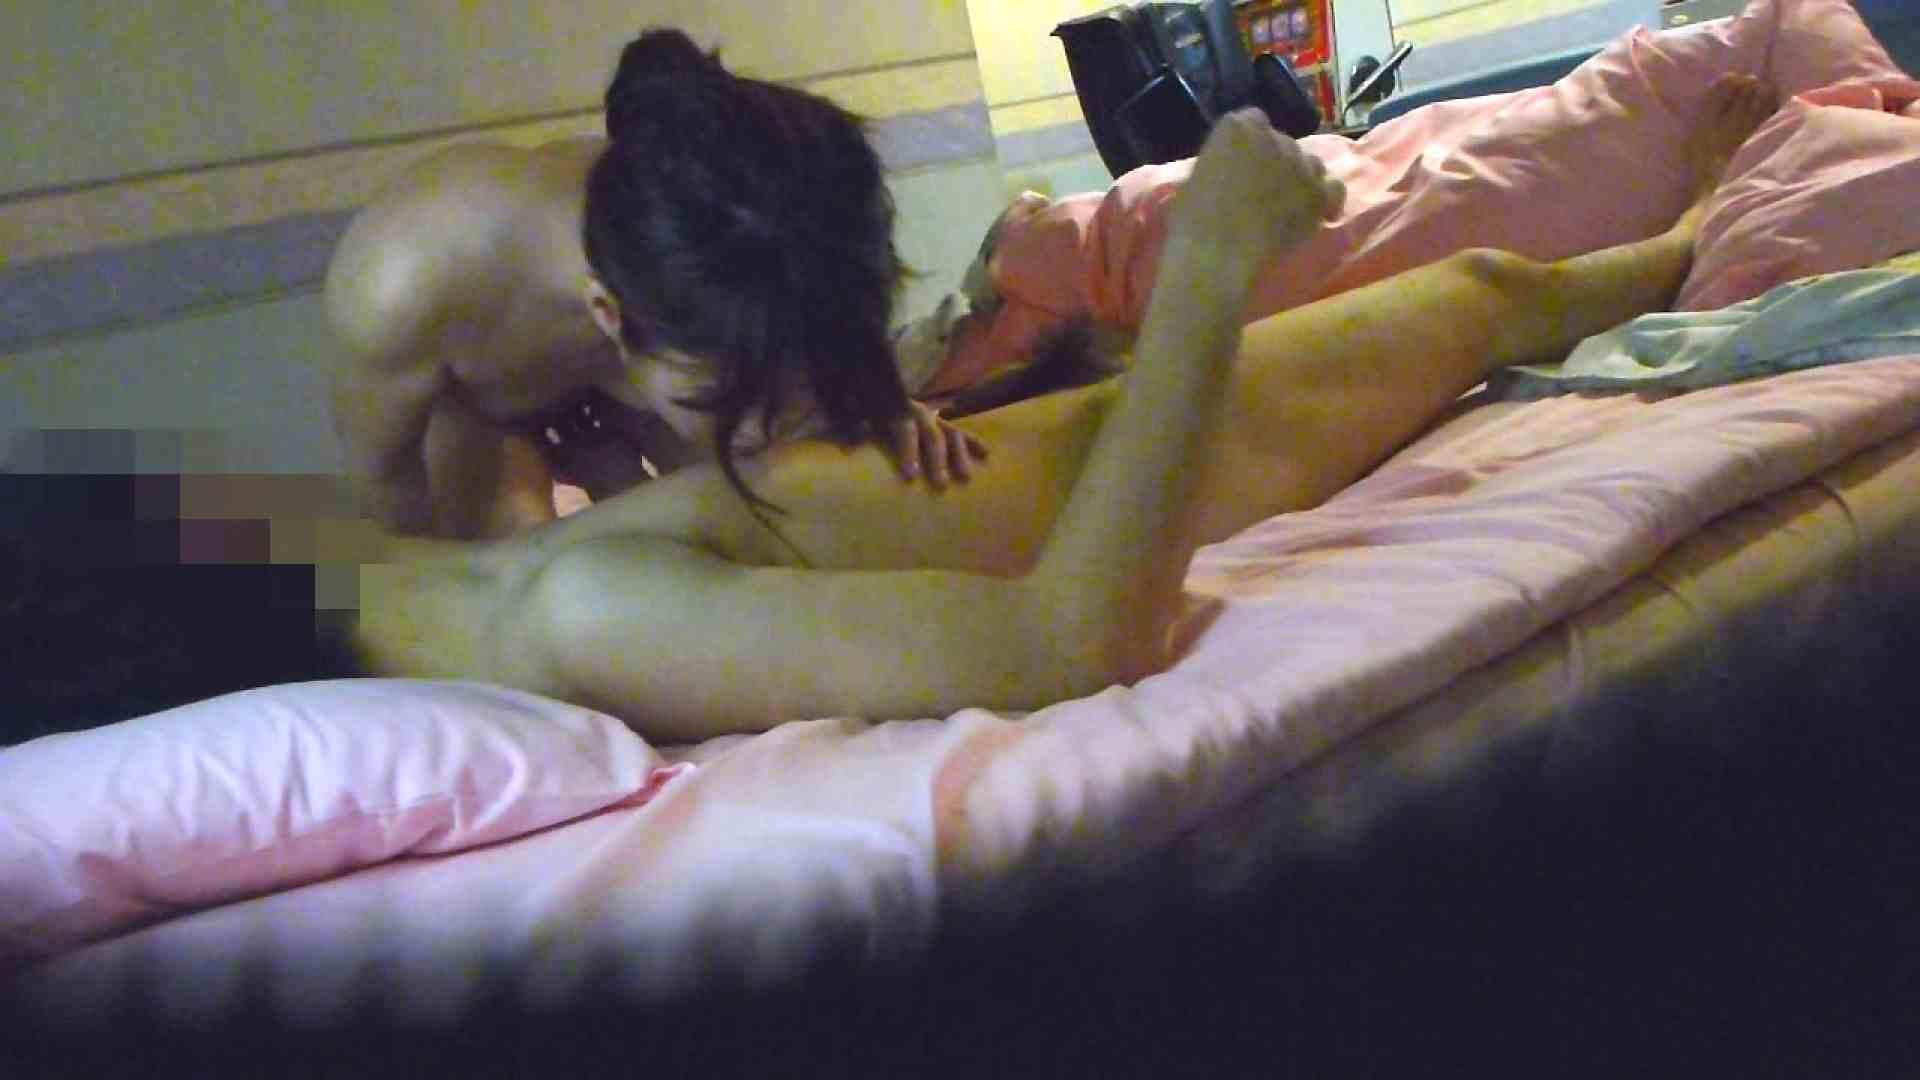 【完全素人投稿】誰にしようか!?やりチン健太の本日もデリ嬢いただきま~す!!11 投稿   すけべな素人  106画像 15